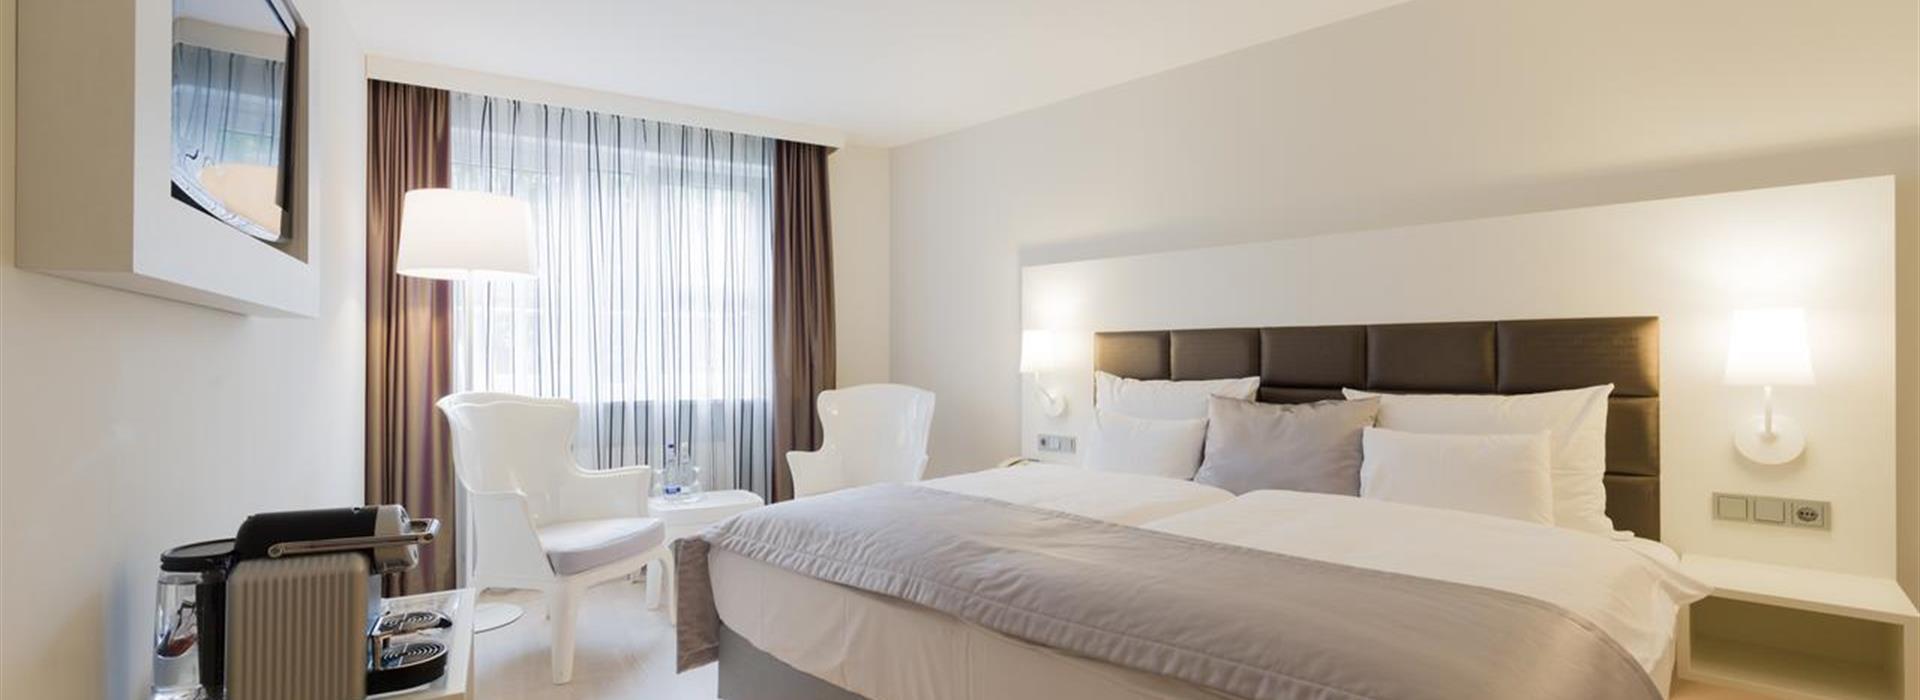 hotel-europa-munich